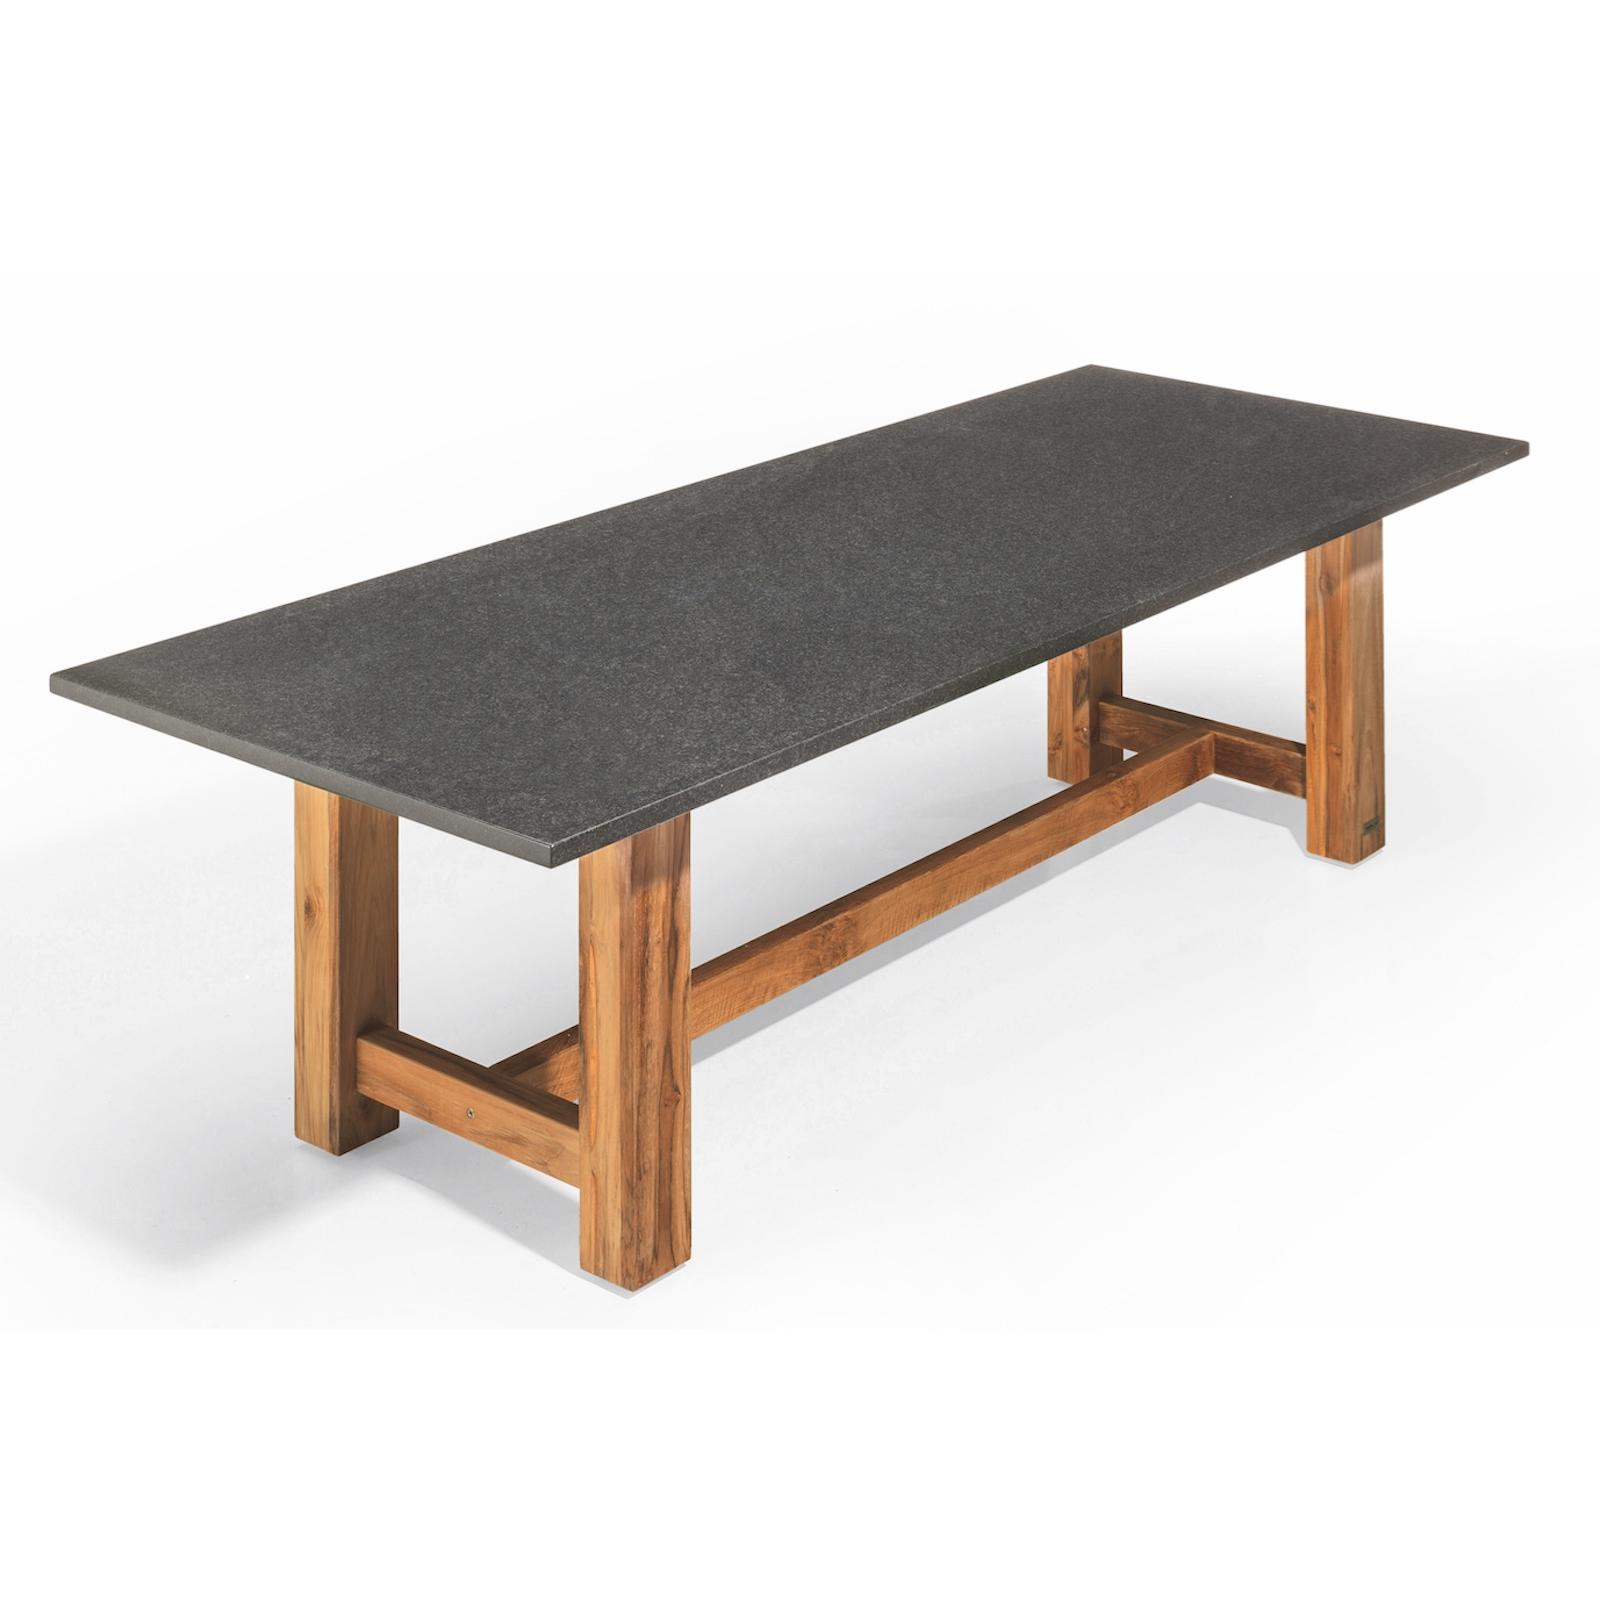 Studio 20 Gartentisch Outdoortisch Granittisch Voss Teakholz 220 X